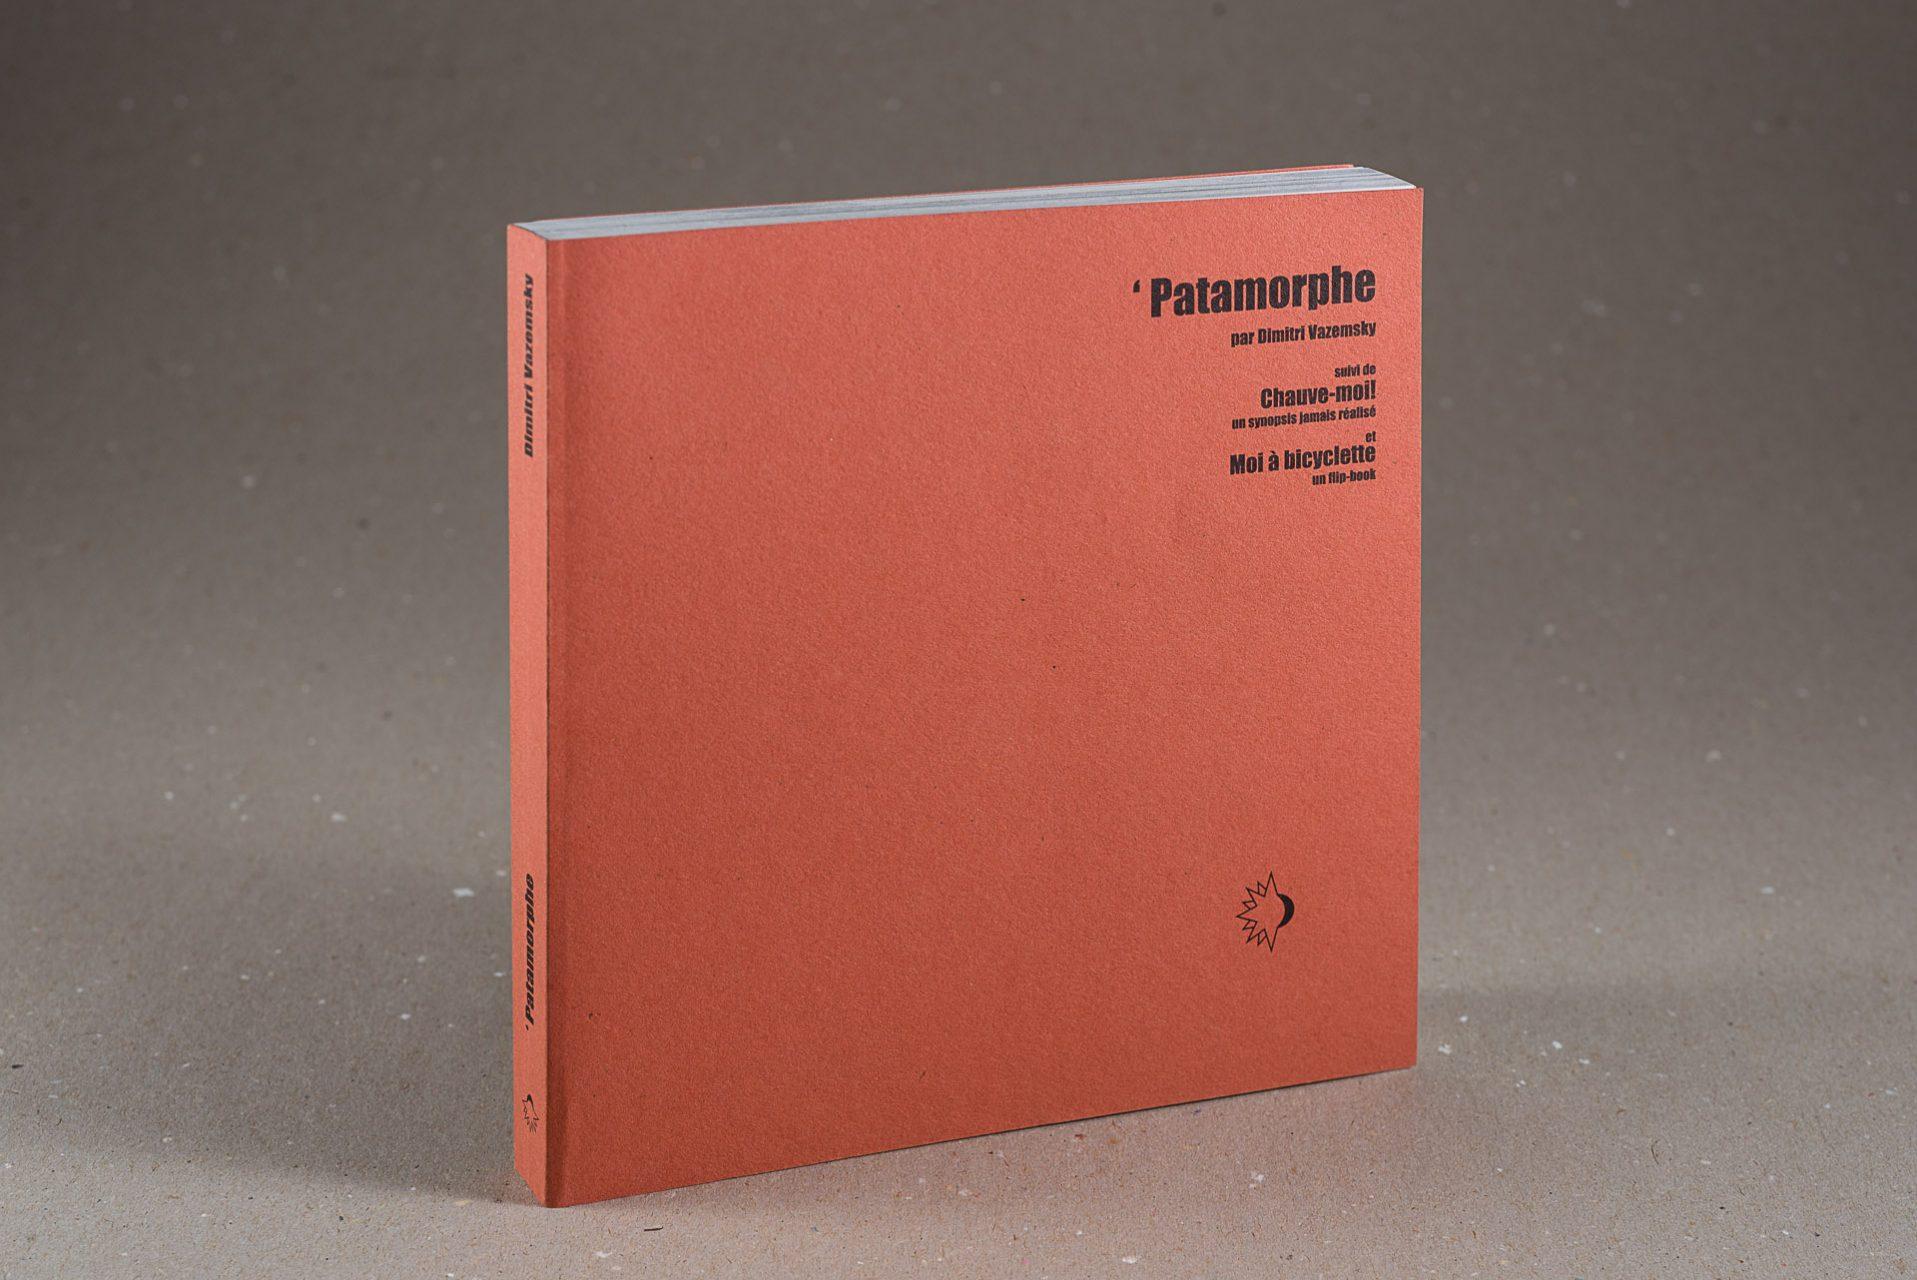 Première édition (octobre 2000)